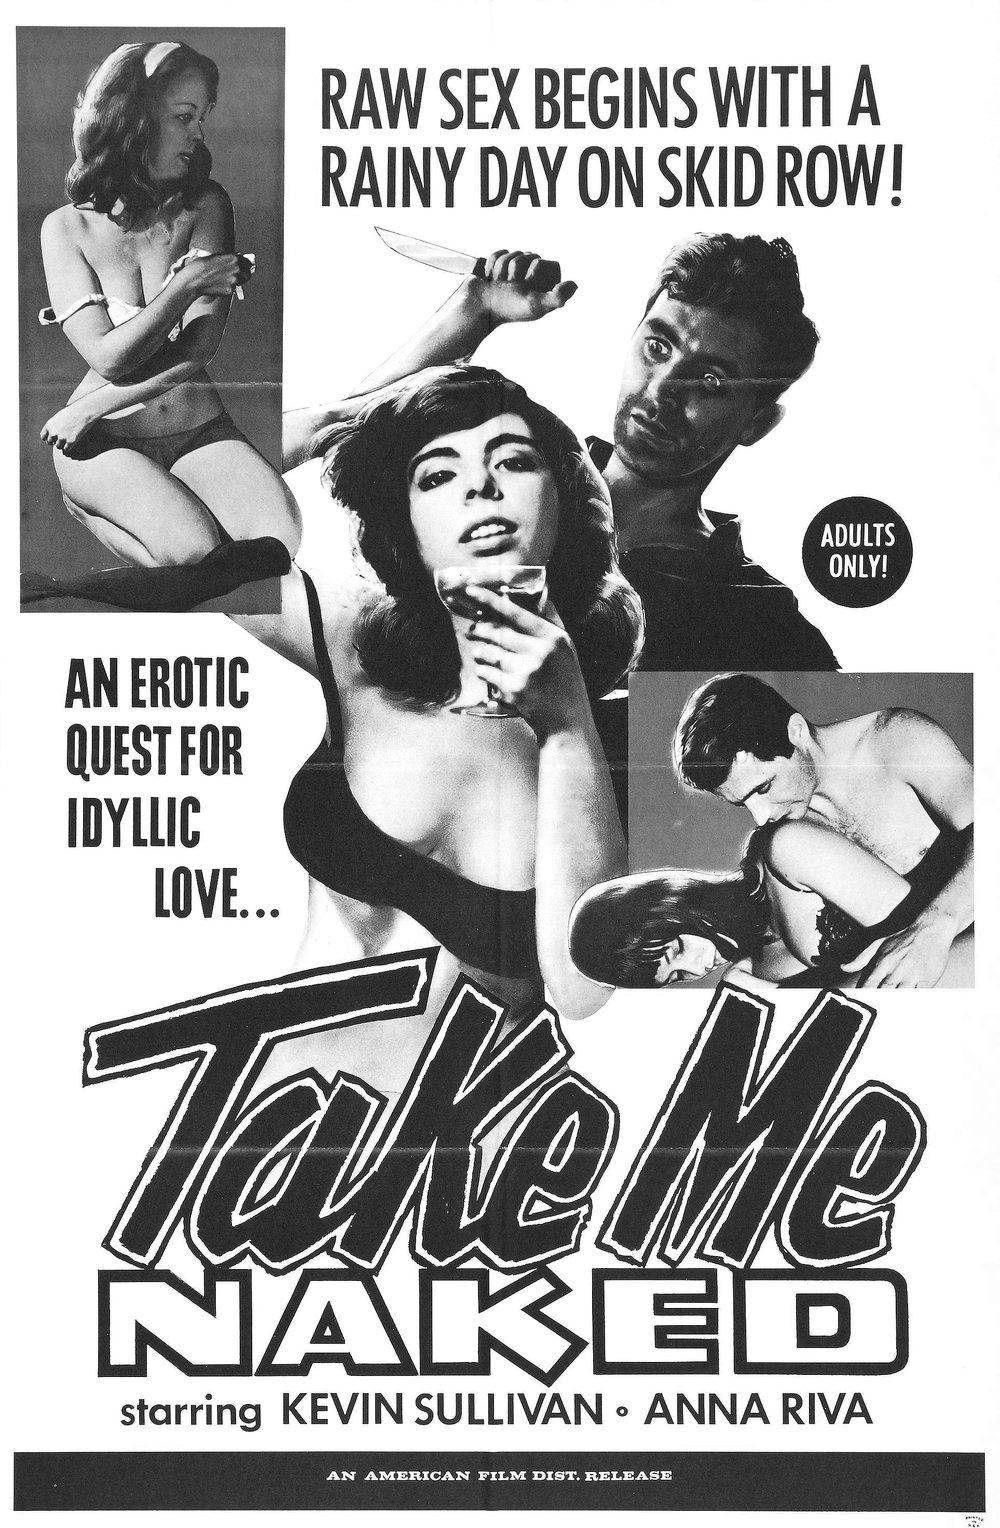 take_me_naked_poster_01.jpg